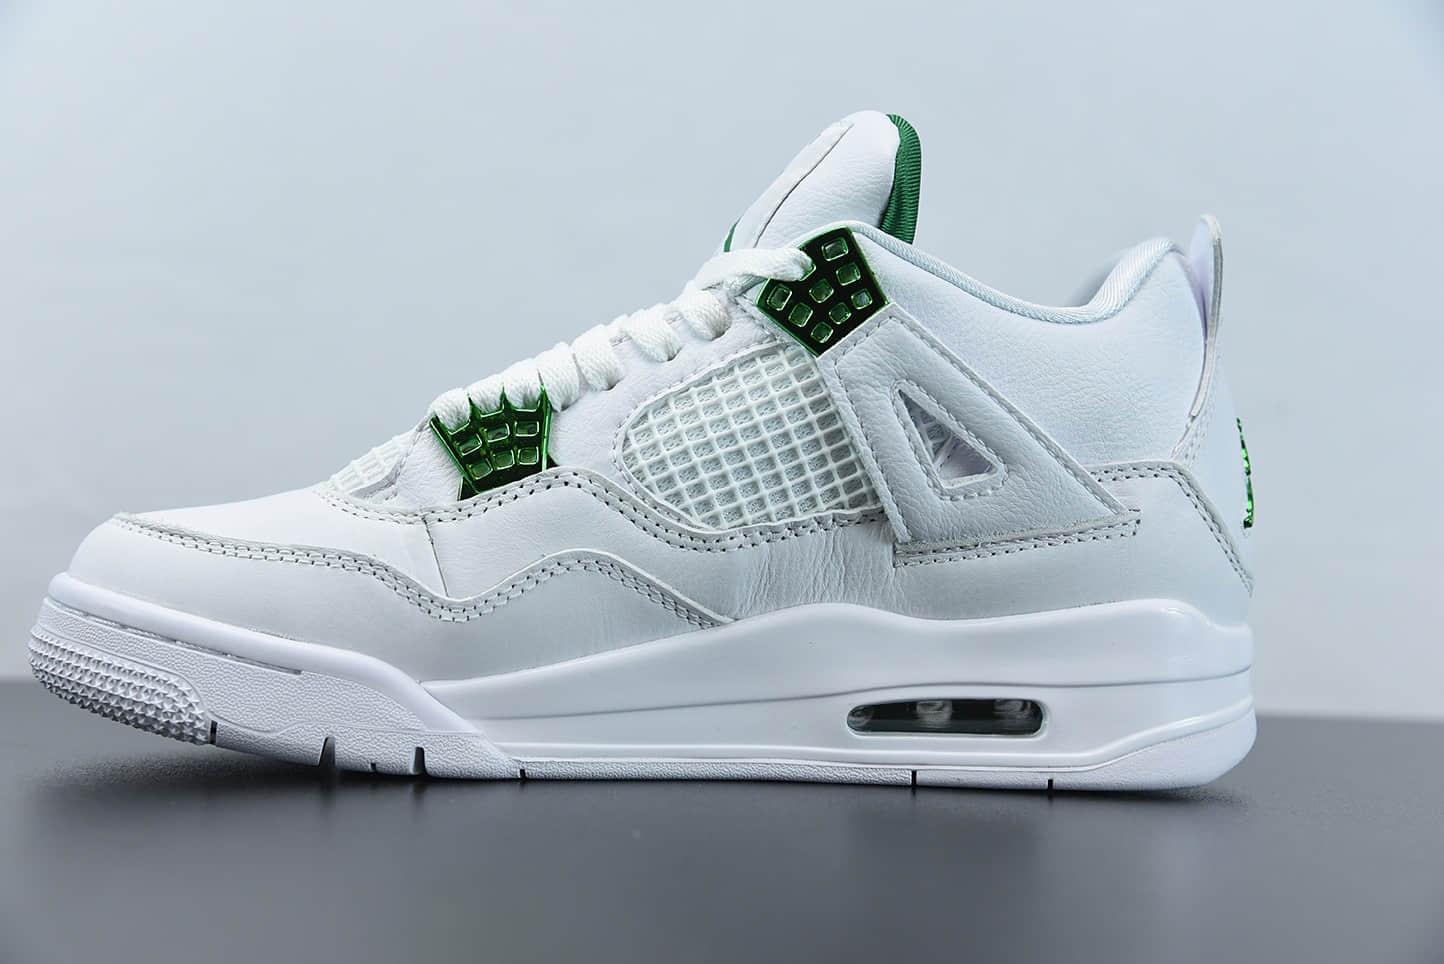 乔丹Air Jordan 4 RETRO SE金属绿中帮复古休闲运动文化篮球鞋纯原版本 货号:CT8527-113